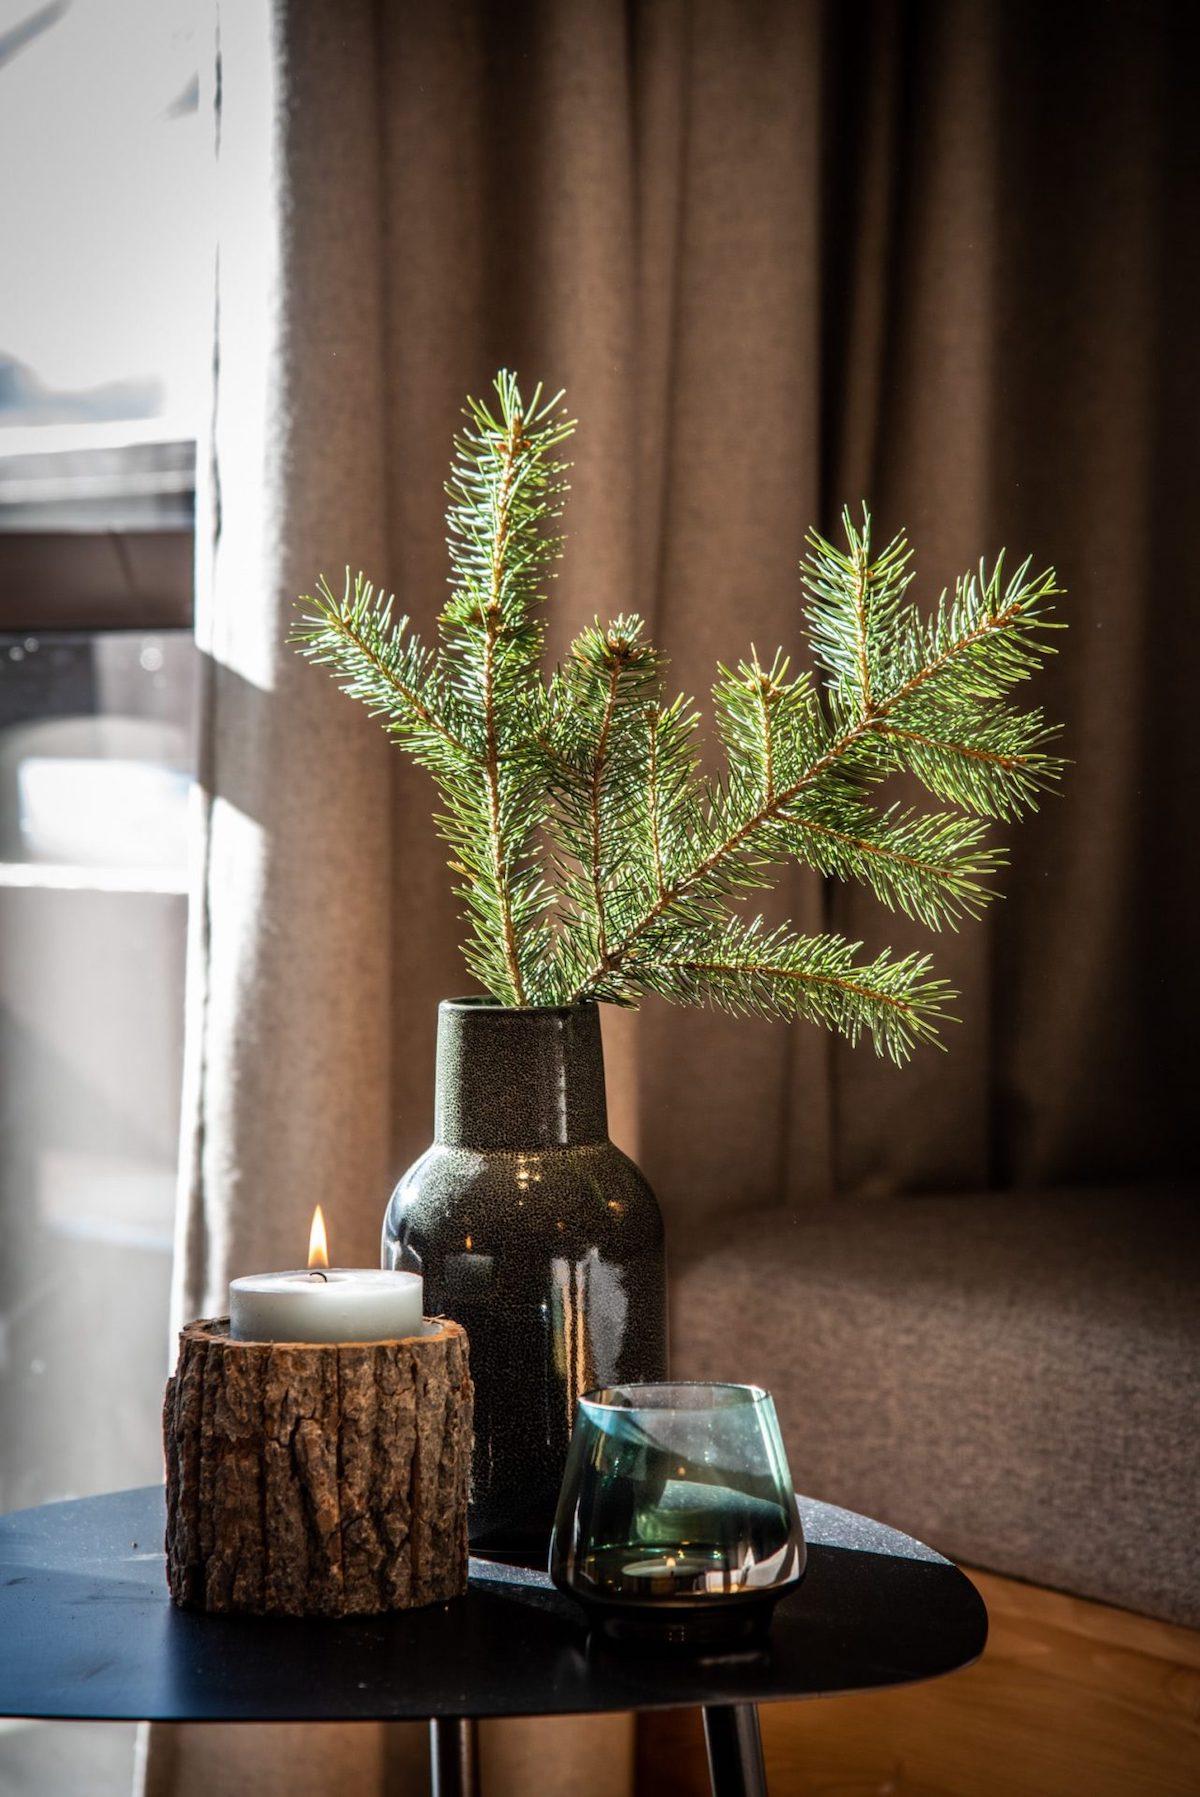 décoration hygge vase verre fumé branche de sapin bougeoir tronc diy blog clemaroundthecorner